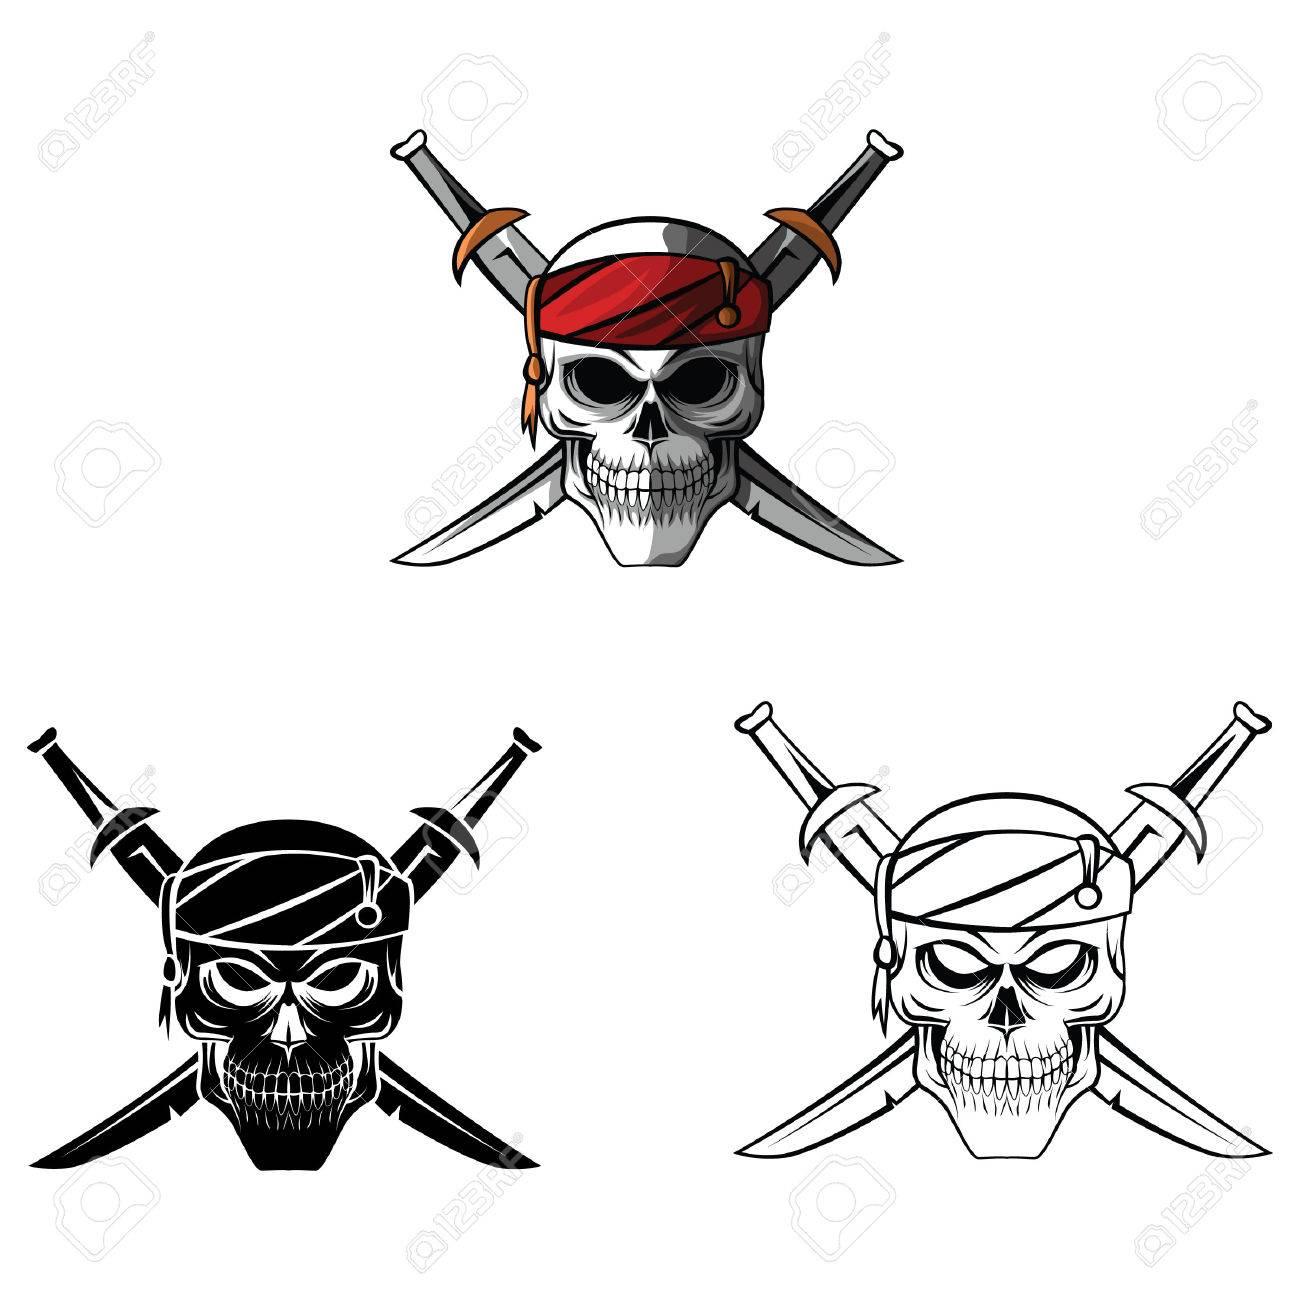 Libro Para Colorear Pirata Del Cráneo Personaje De Dibujos Animados